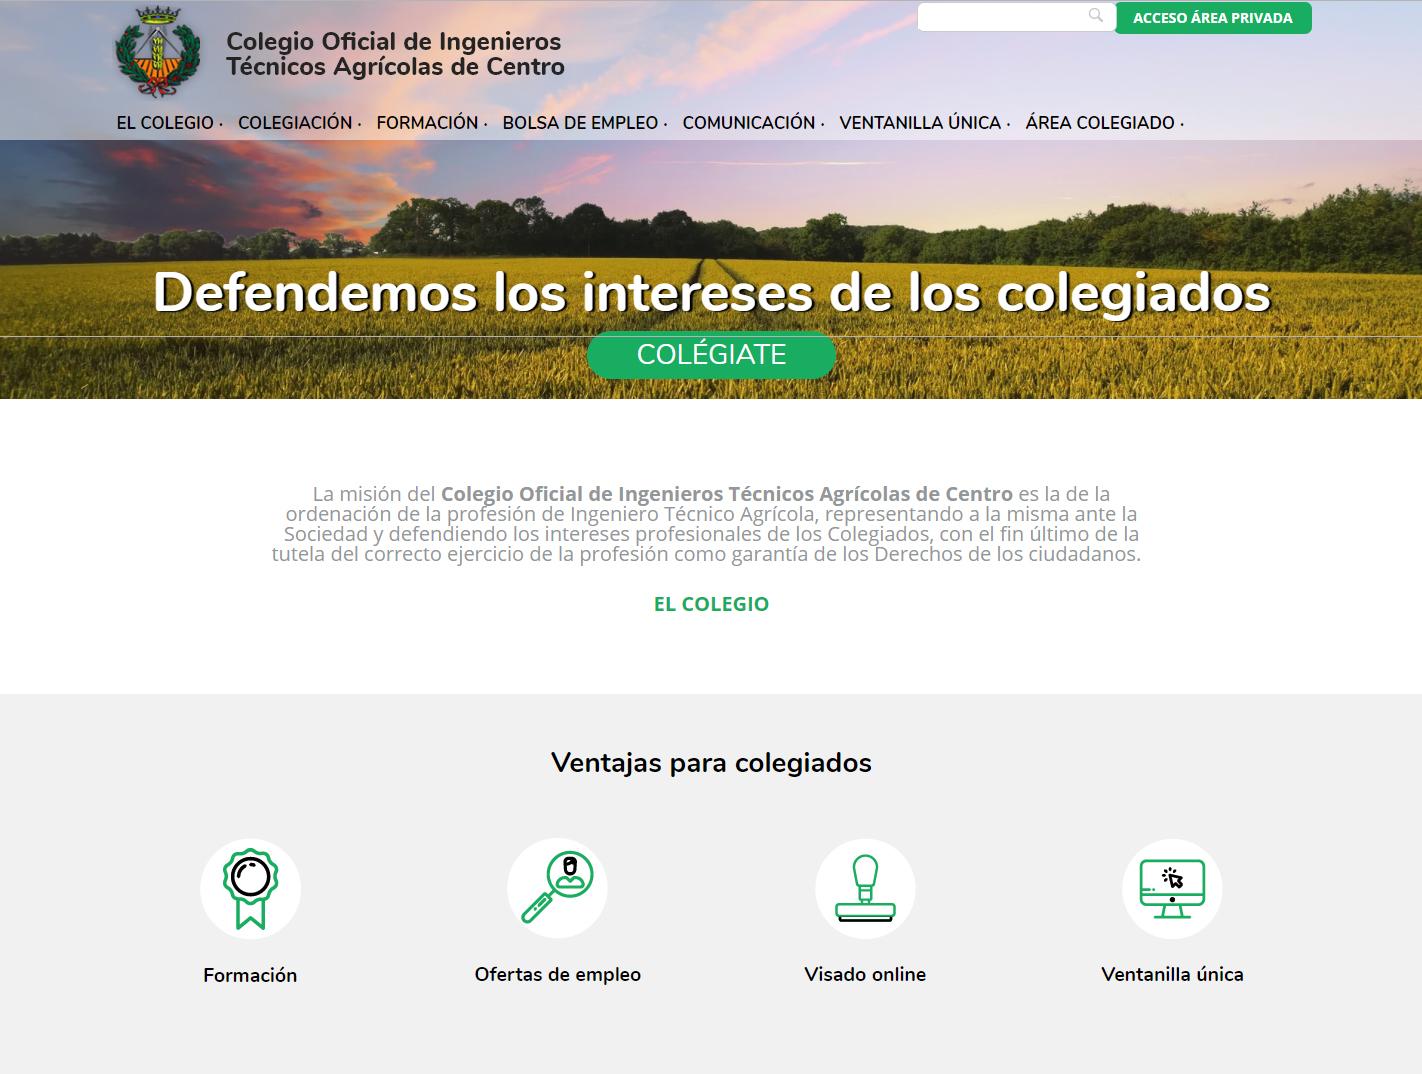 web_colegio_oficial_de_ingenieros_tecnicos_agricolas_de_centro